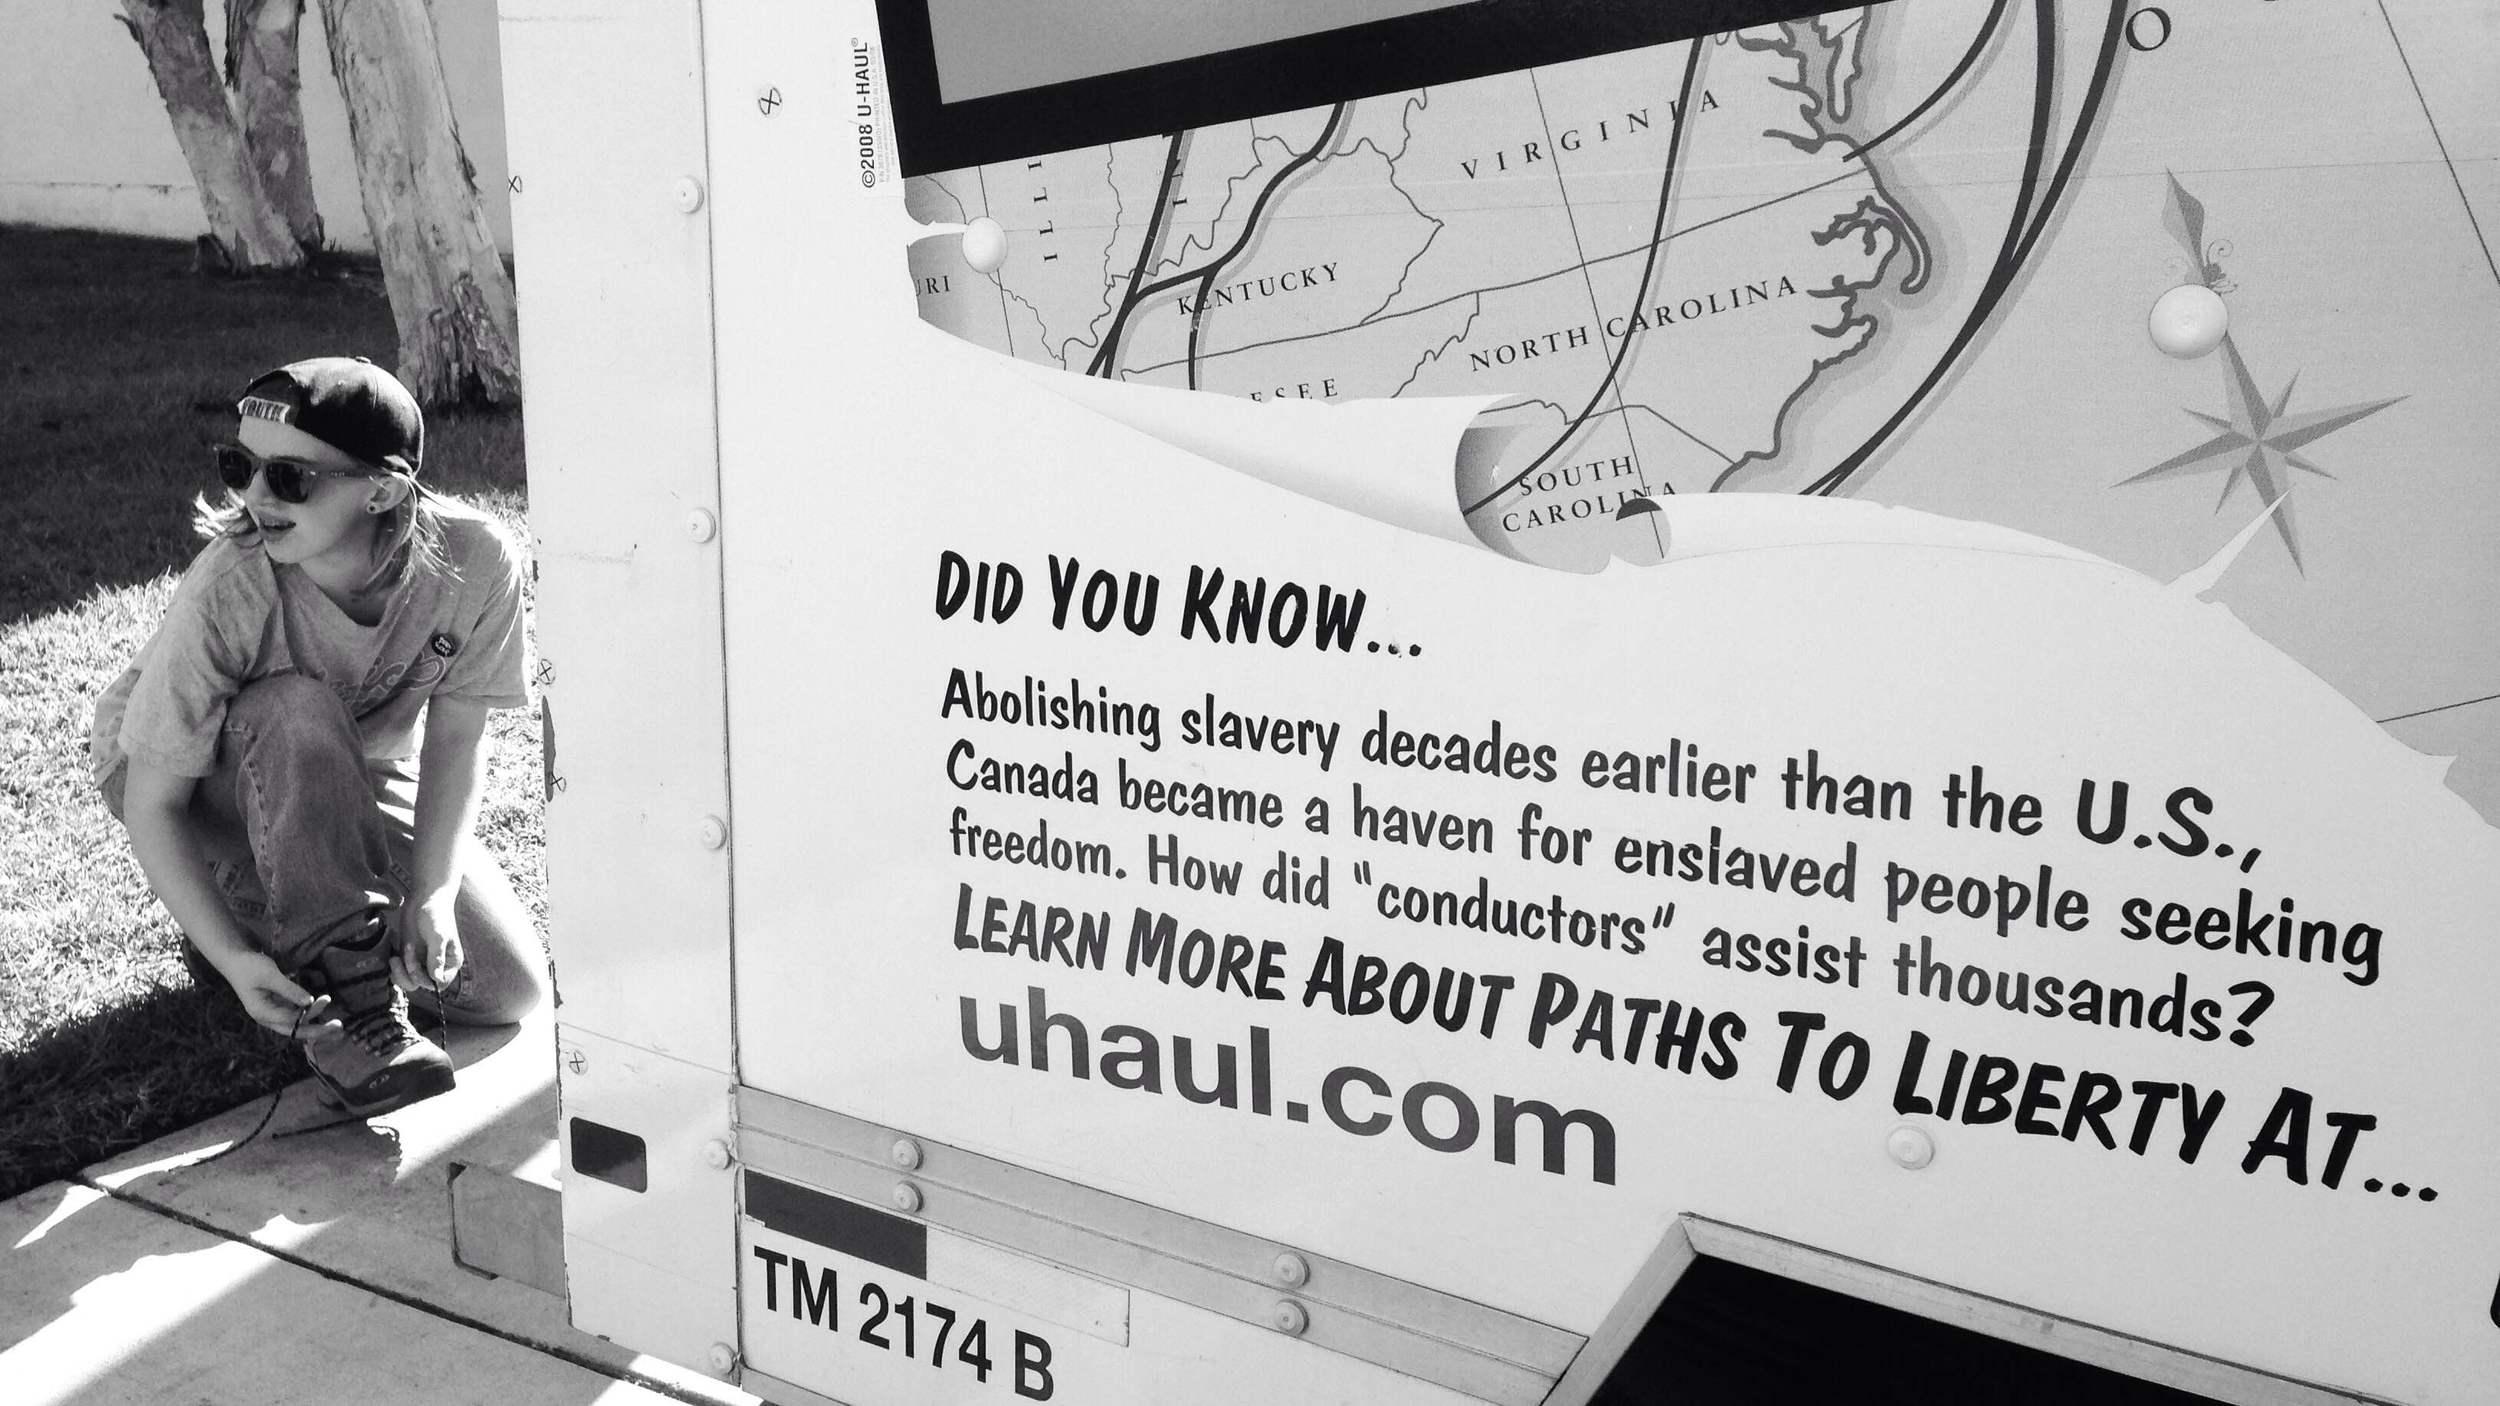 Randomly selected Uhaul truck orCanadian propaganda, eh?